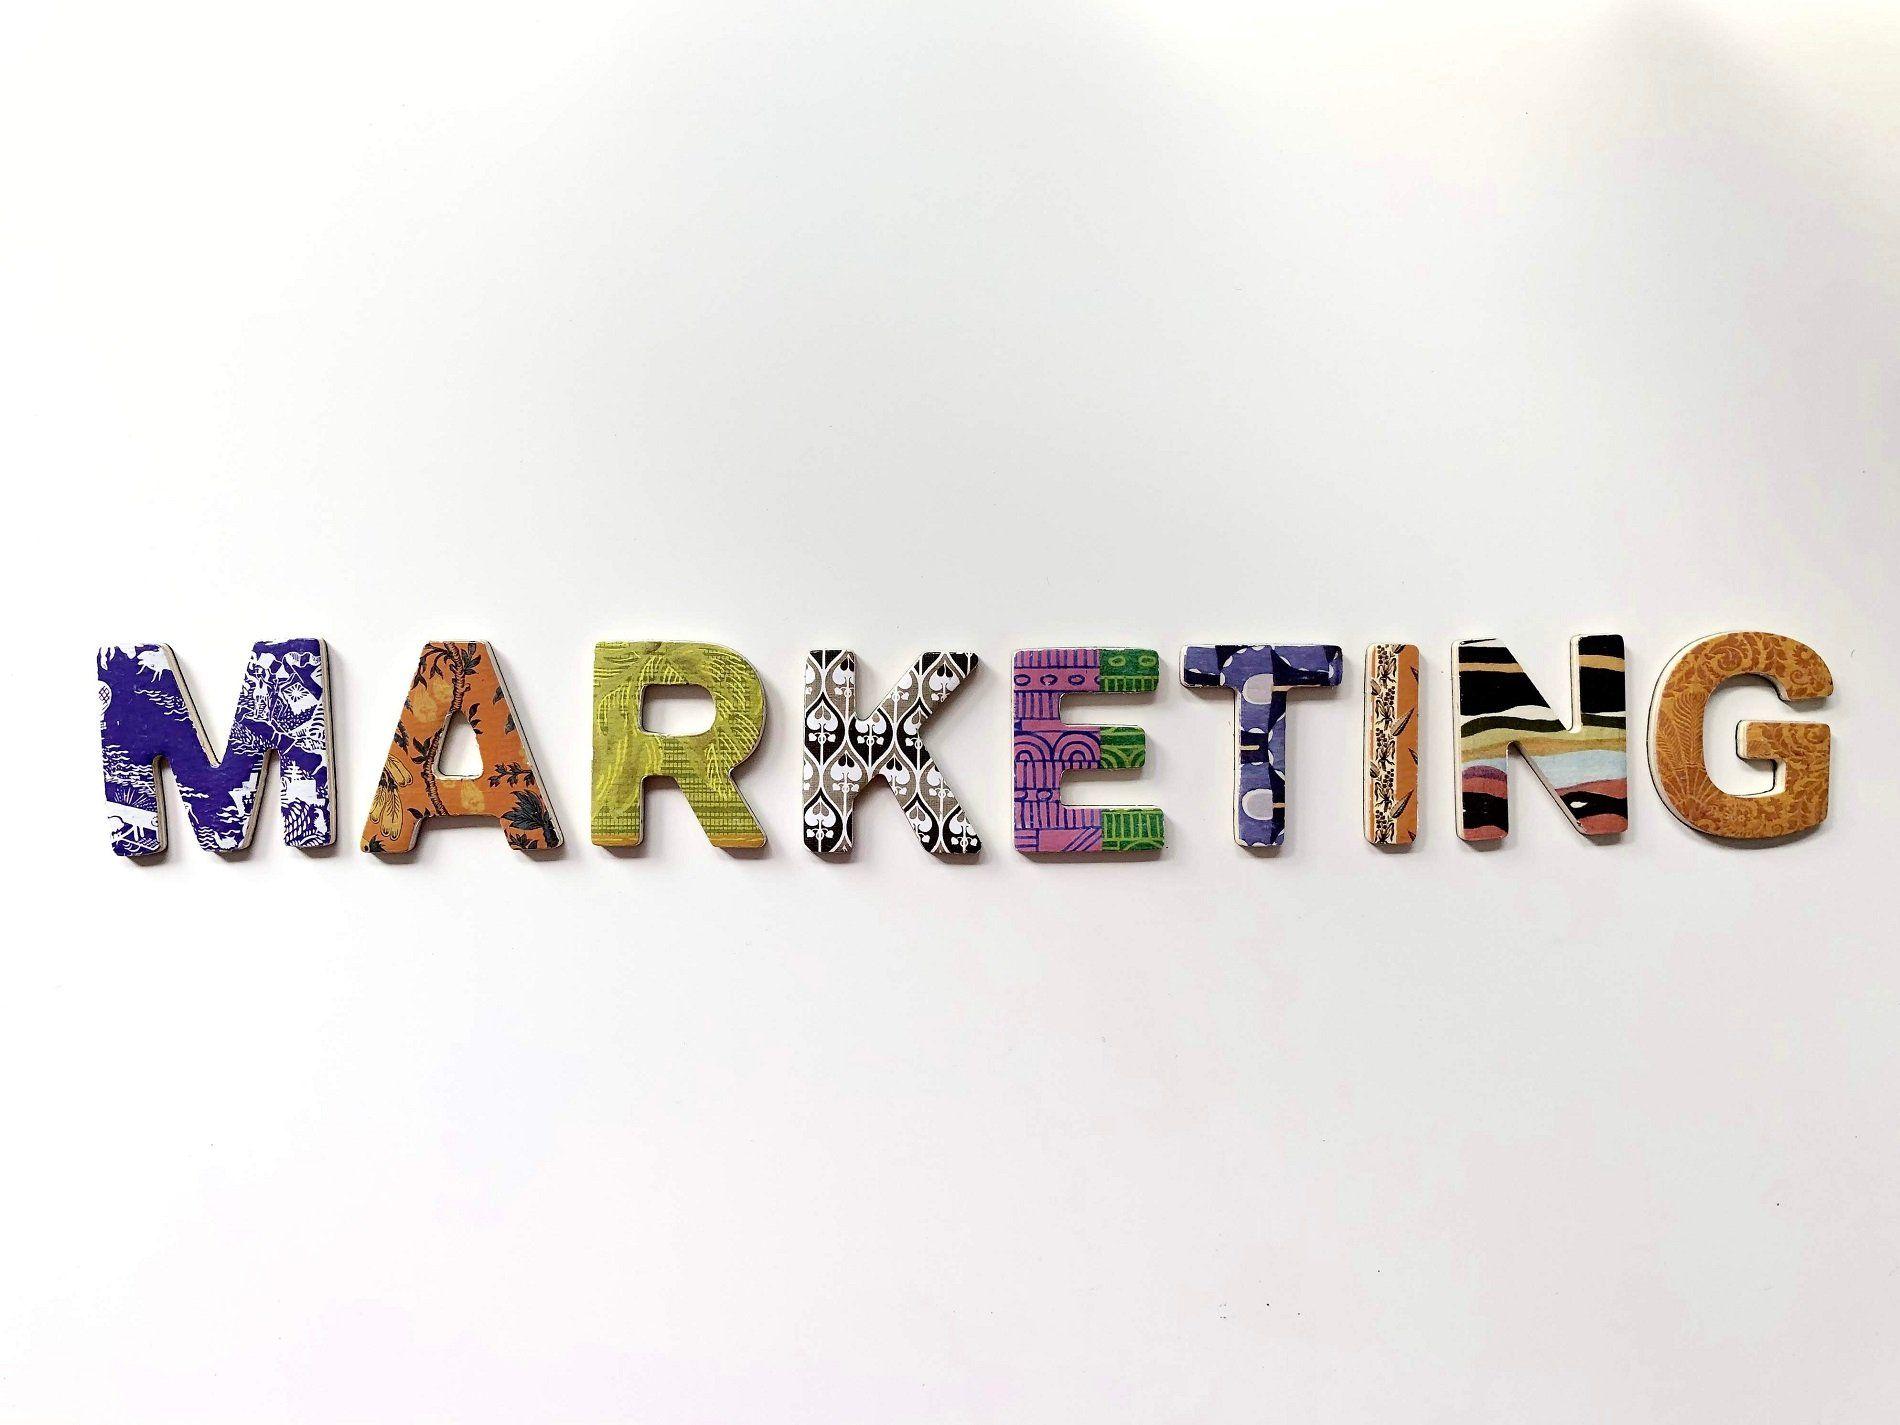 Τι είναι το Affiliate Marketing; Μπορείς να βγάλεις λεφτά από αυτό;